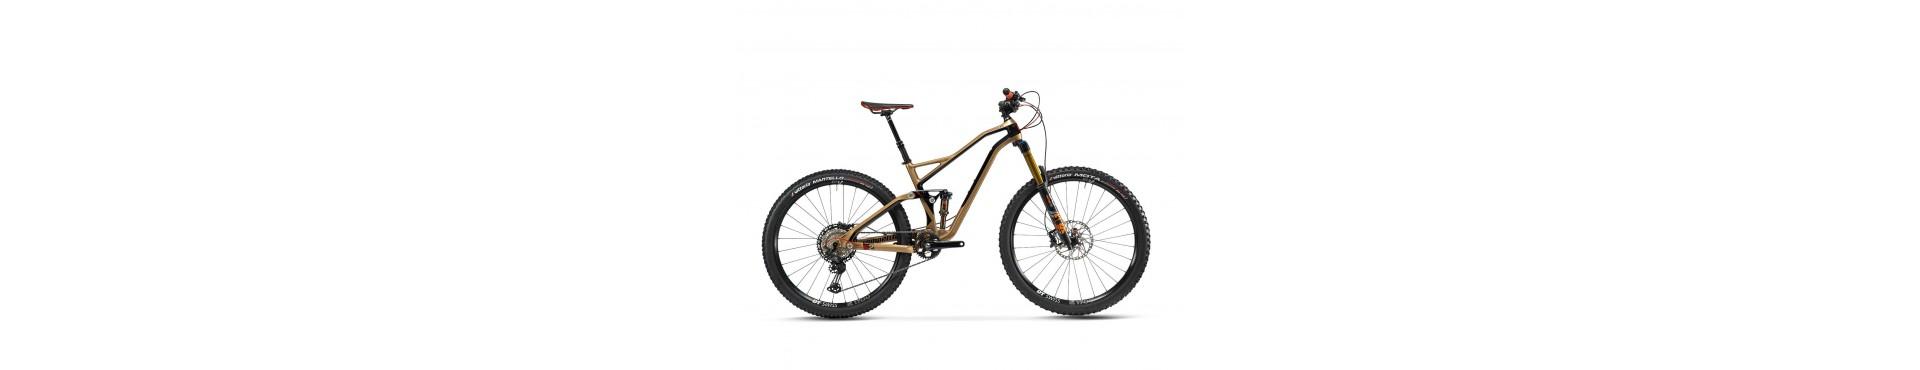 Mountain bike doppio ammortizzata